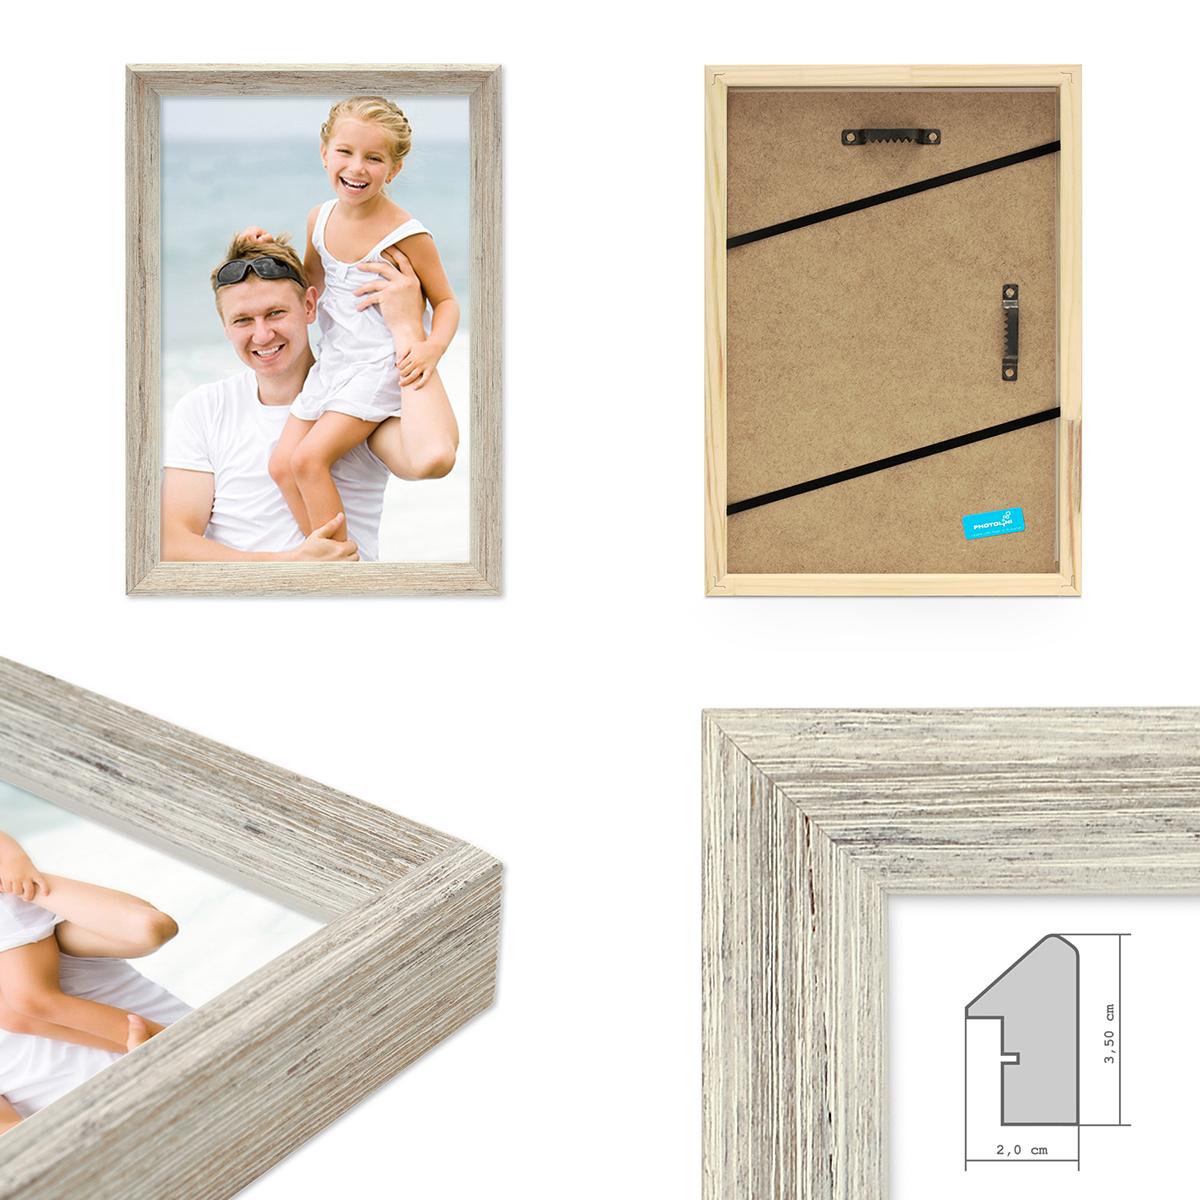 vintage bilderrahmen shabby chic weiss 20x20 cm massivholz mit glasscheibe und zubeh r. Black Bedroom Furniture Sets. Home Design Ideas